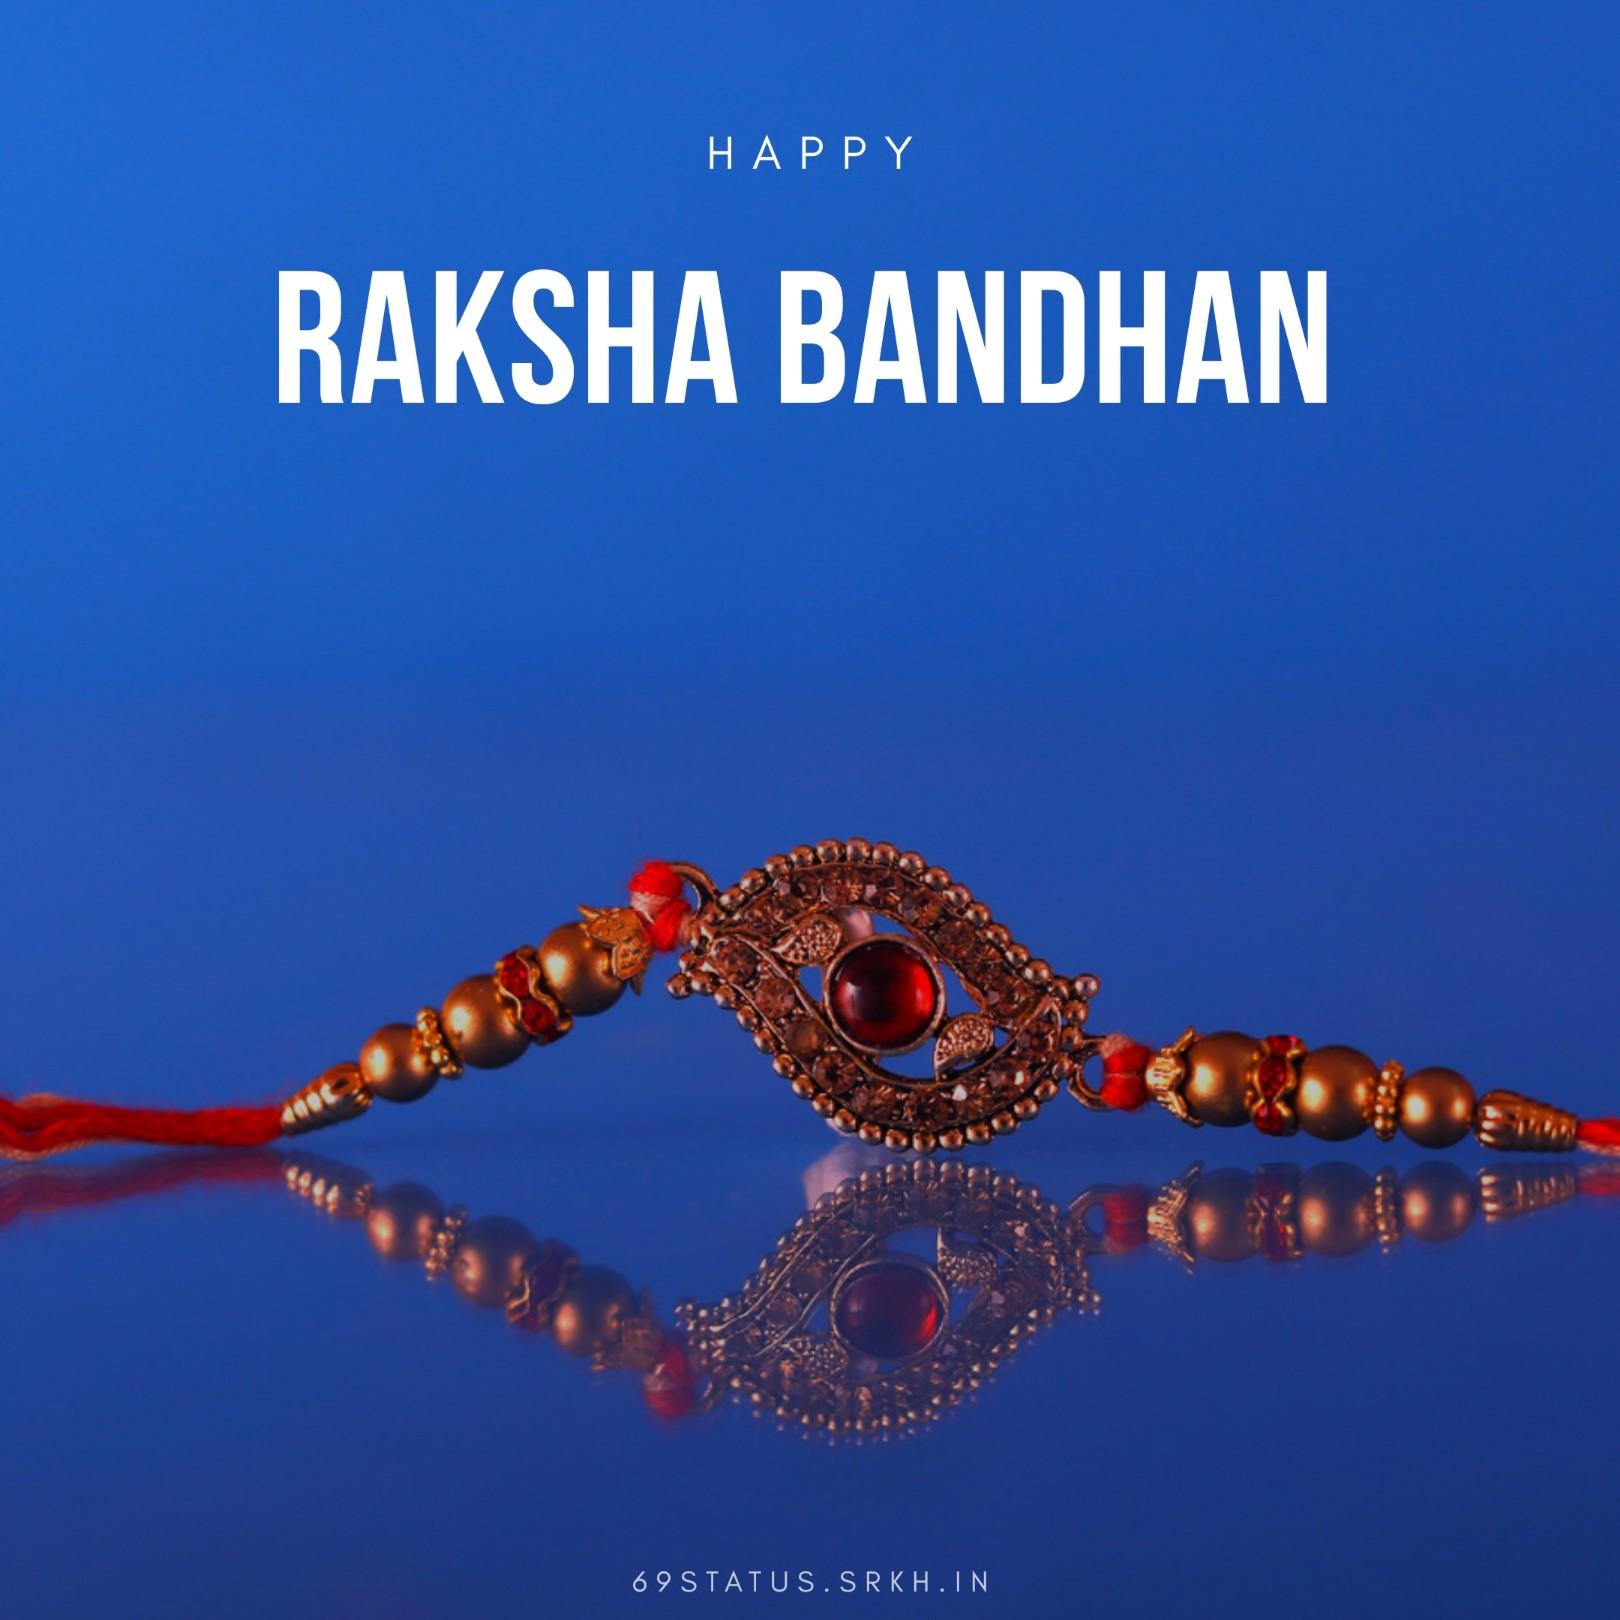 Raksha Bandhan Ki Images full HD free download.